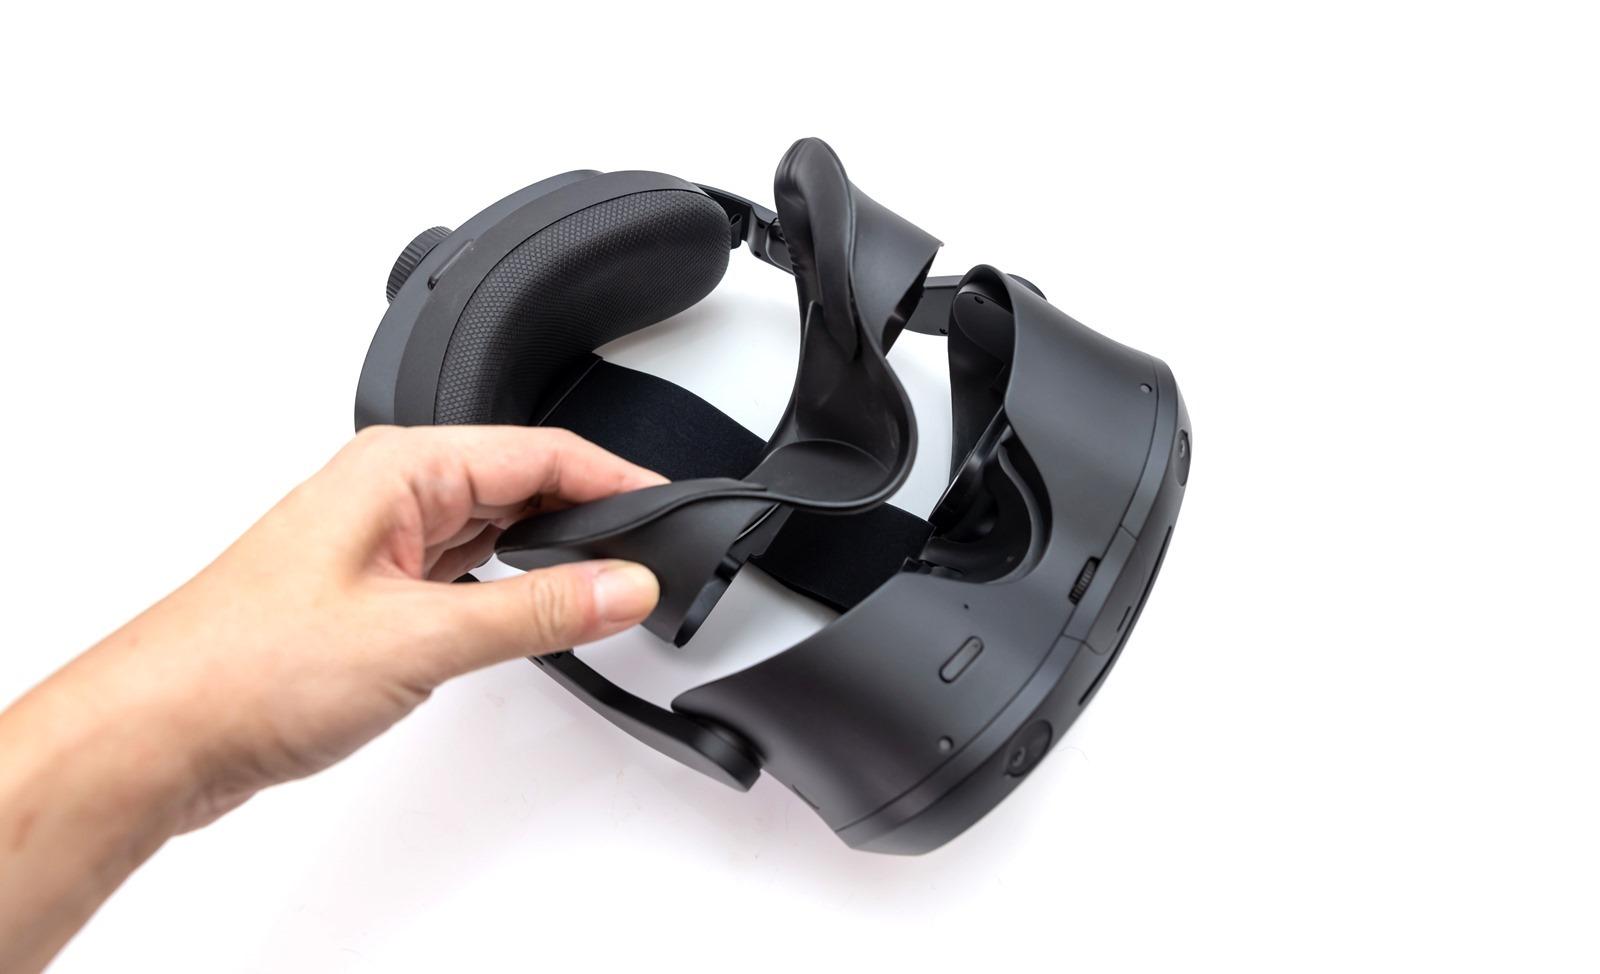 VIVE Focus 3 全球首款 5K 旗艦級 VR 一體機 (1) 開箱 @3C 達人廖阿輝